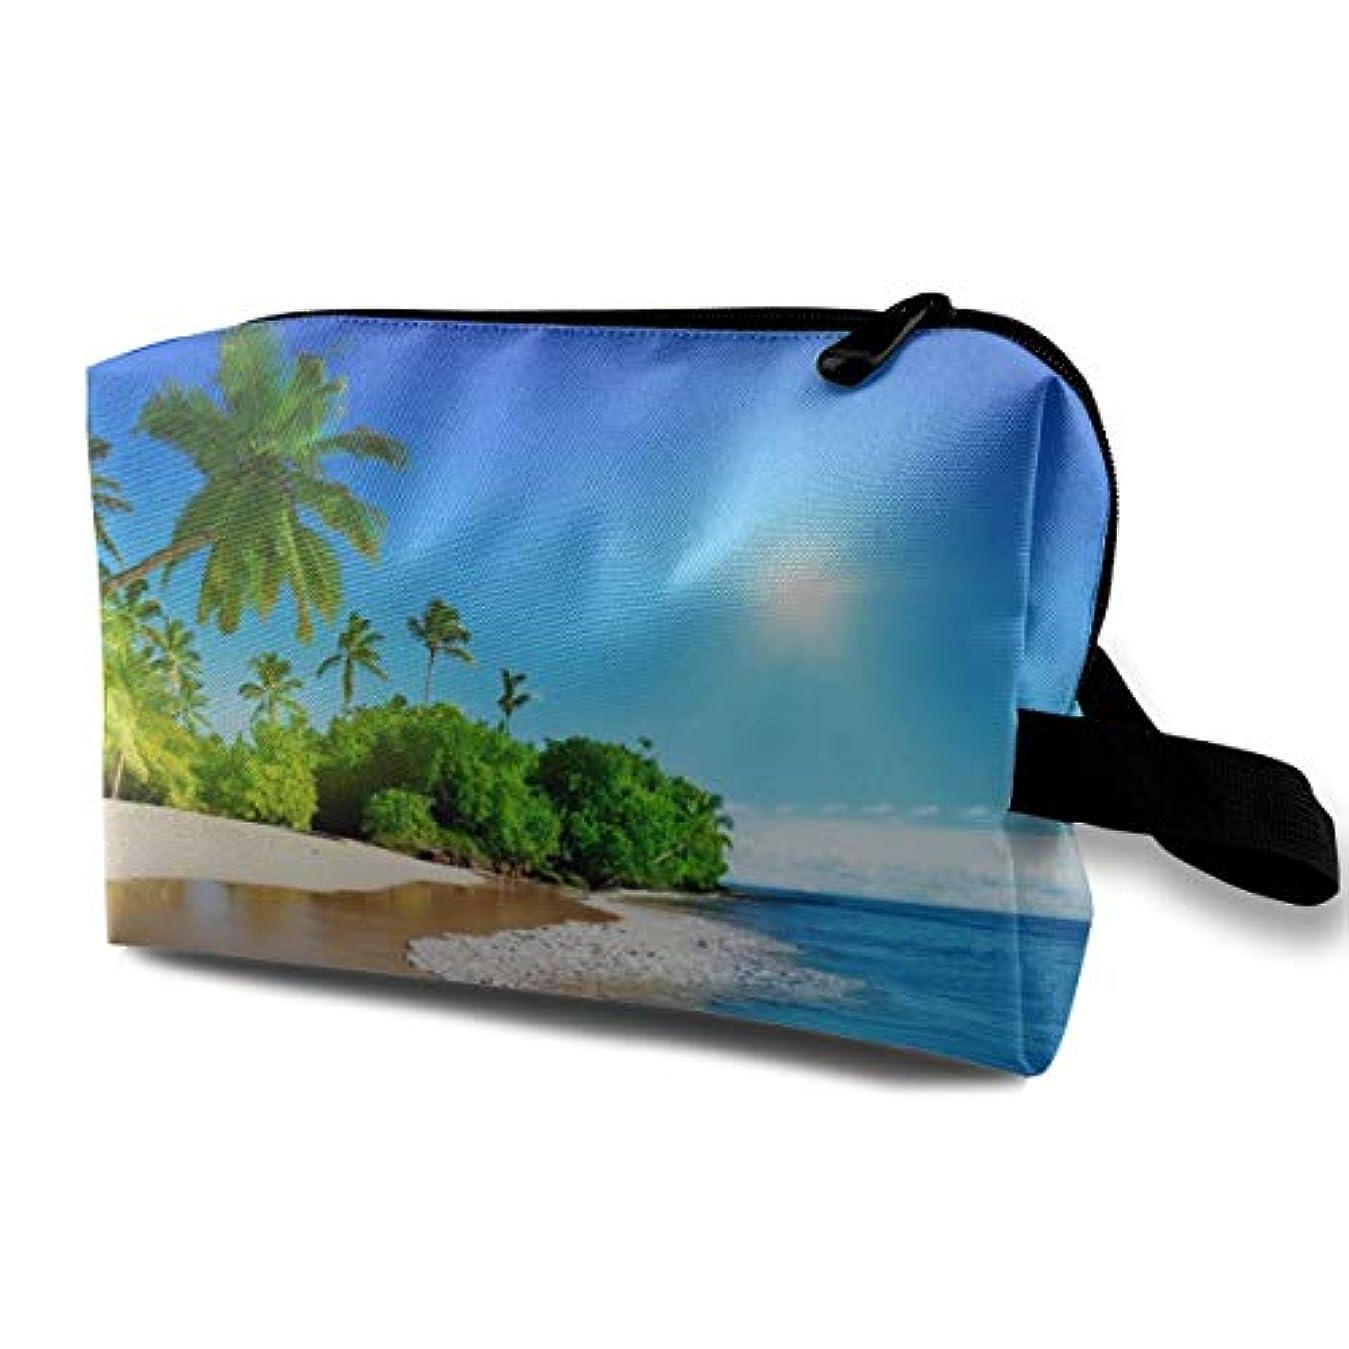 ファイター従う破壊的Beach Palms Trees Blue Ocean Landscape.jpeg 収納ポーチ 化粧ポーチ 大容量 軽量 耐久性 ハンドル付持ち運び便利。入れ 自宅?出張?旅行?アウトドア撮影などに対応。メンズ レディース...